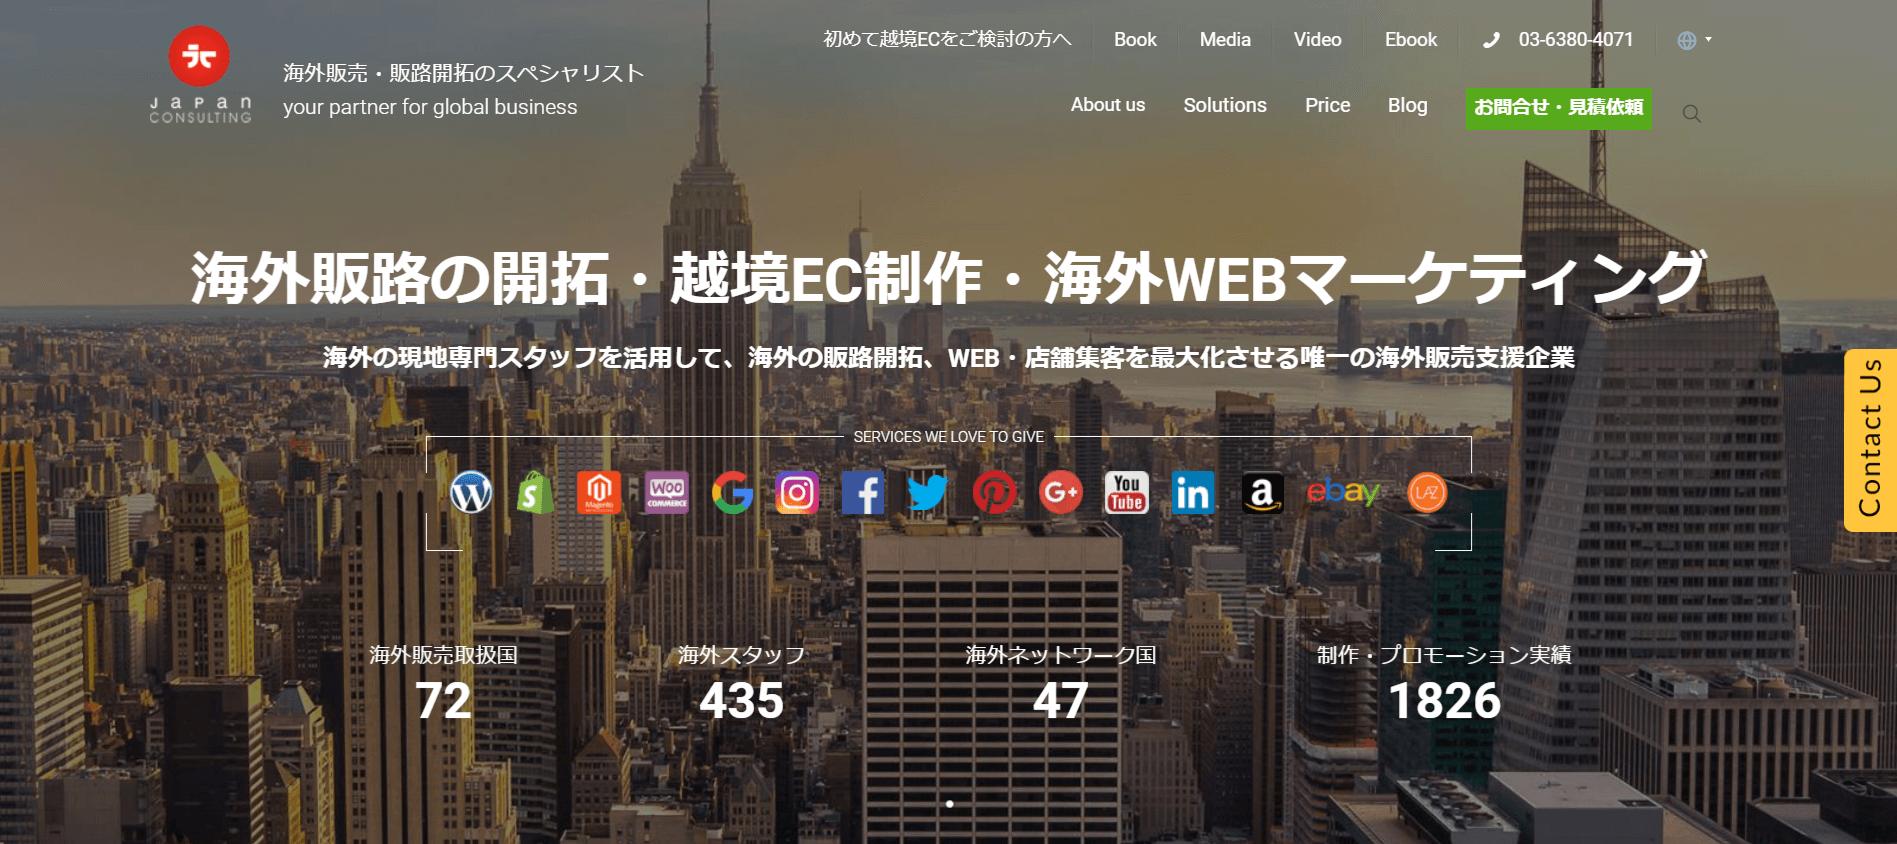 越境(海外)ECサイトのジャパンコンサルティング株式会社